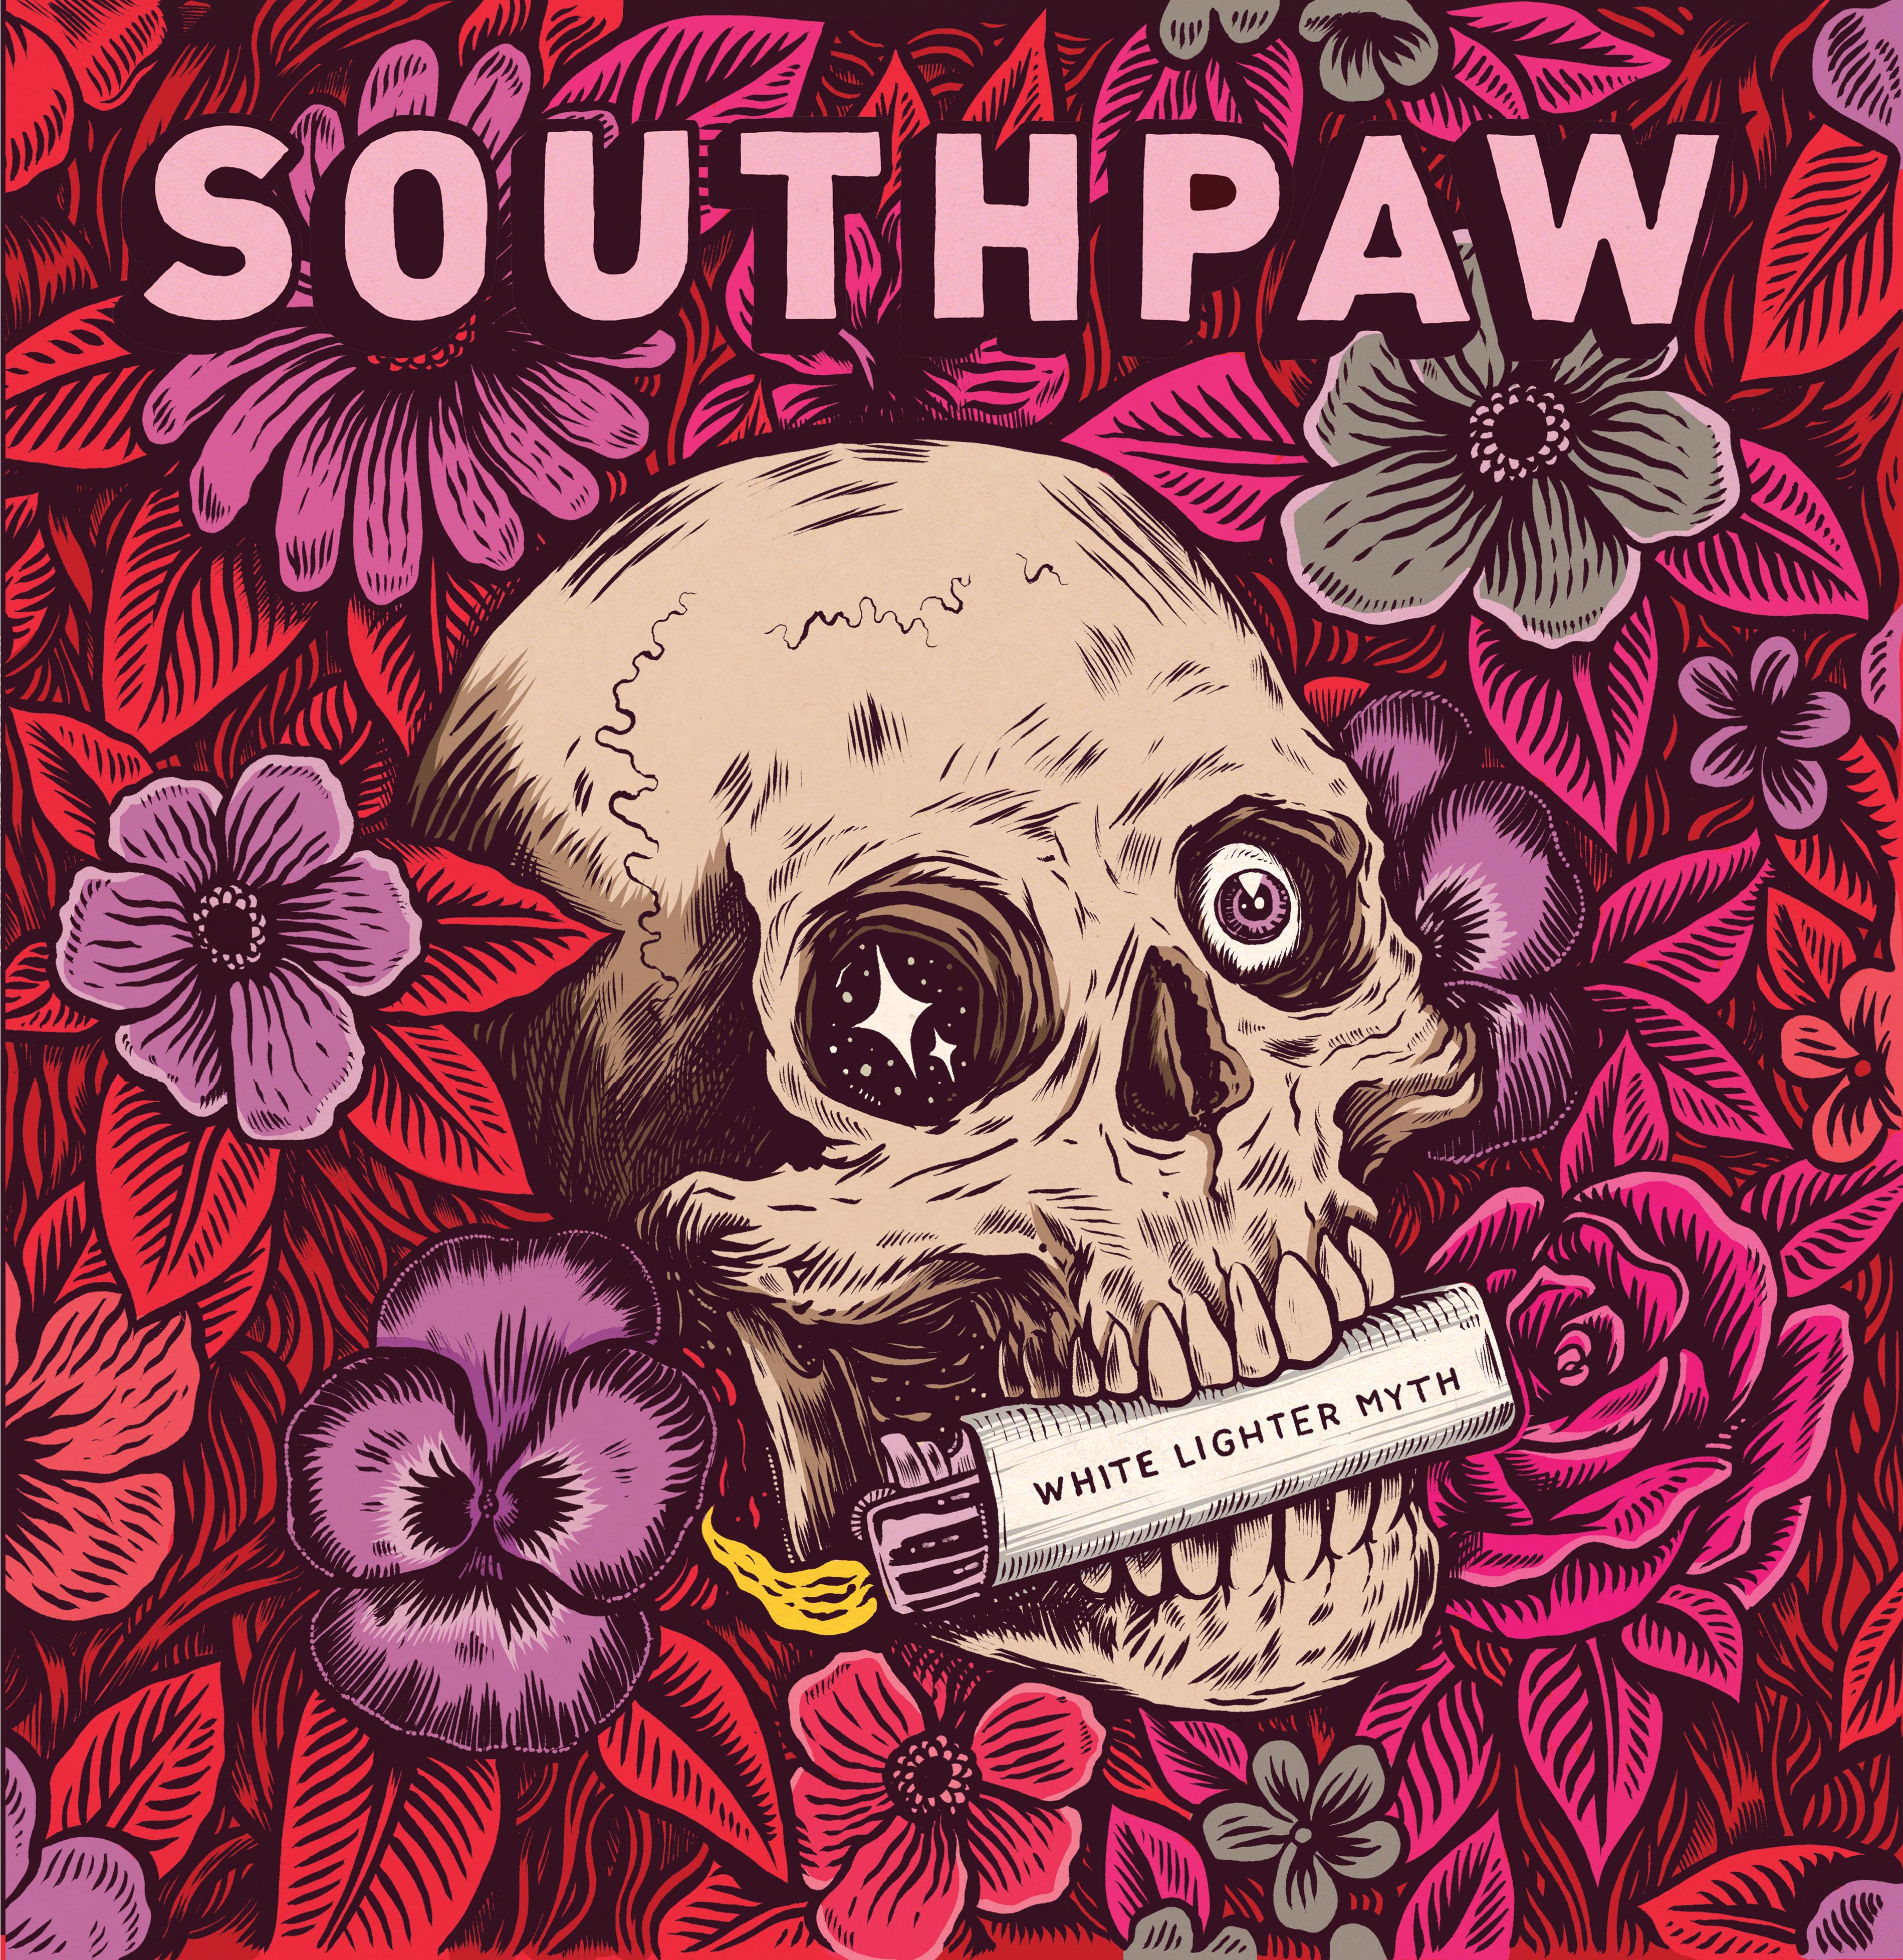 SOUTHPAW - CD BUNDLE 1